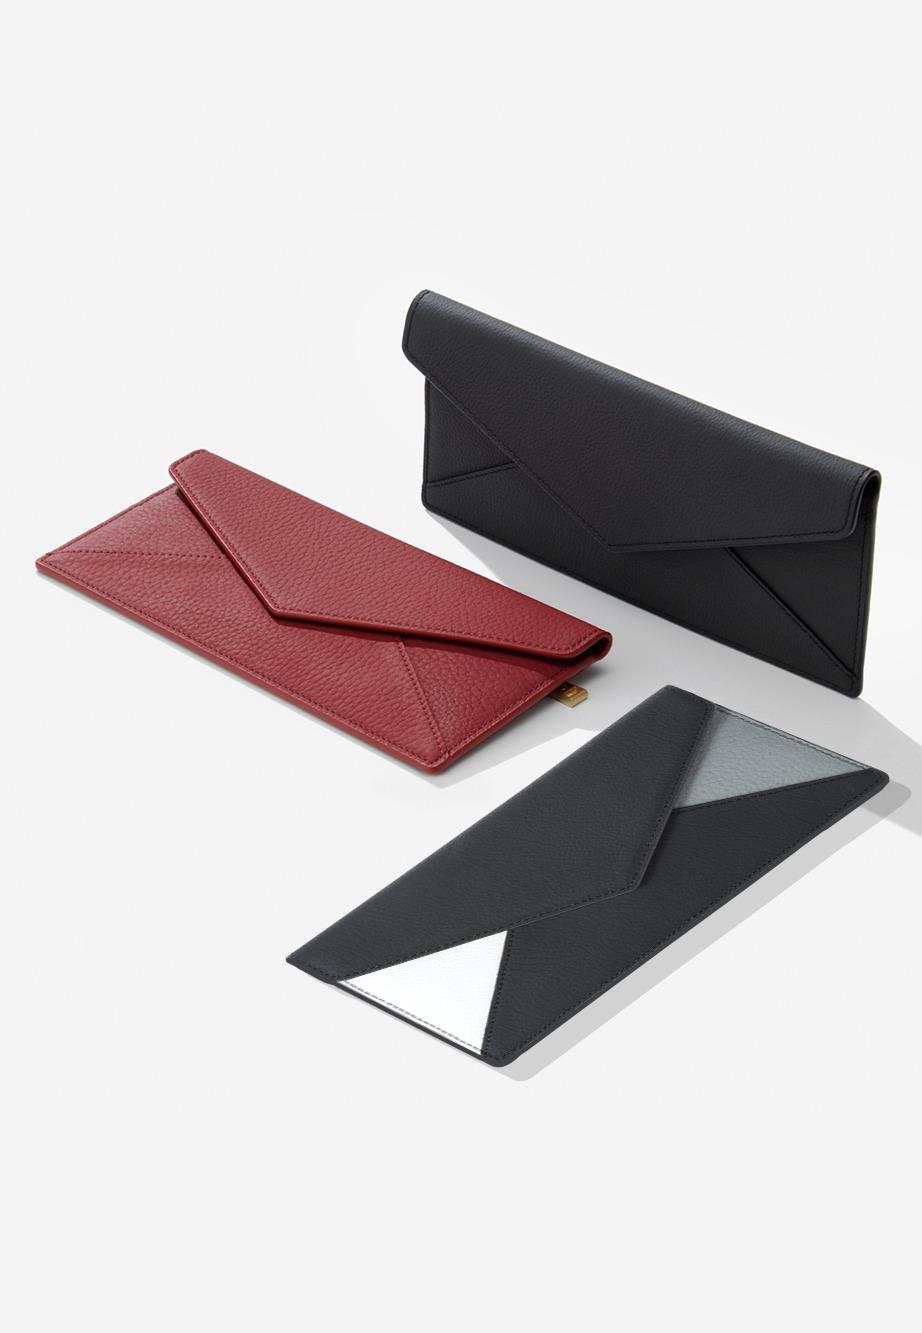 컨티뉴 [영부인지갑] 엔벨로프 장지갑 [패턴블랙,블랙,체리레드]